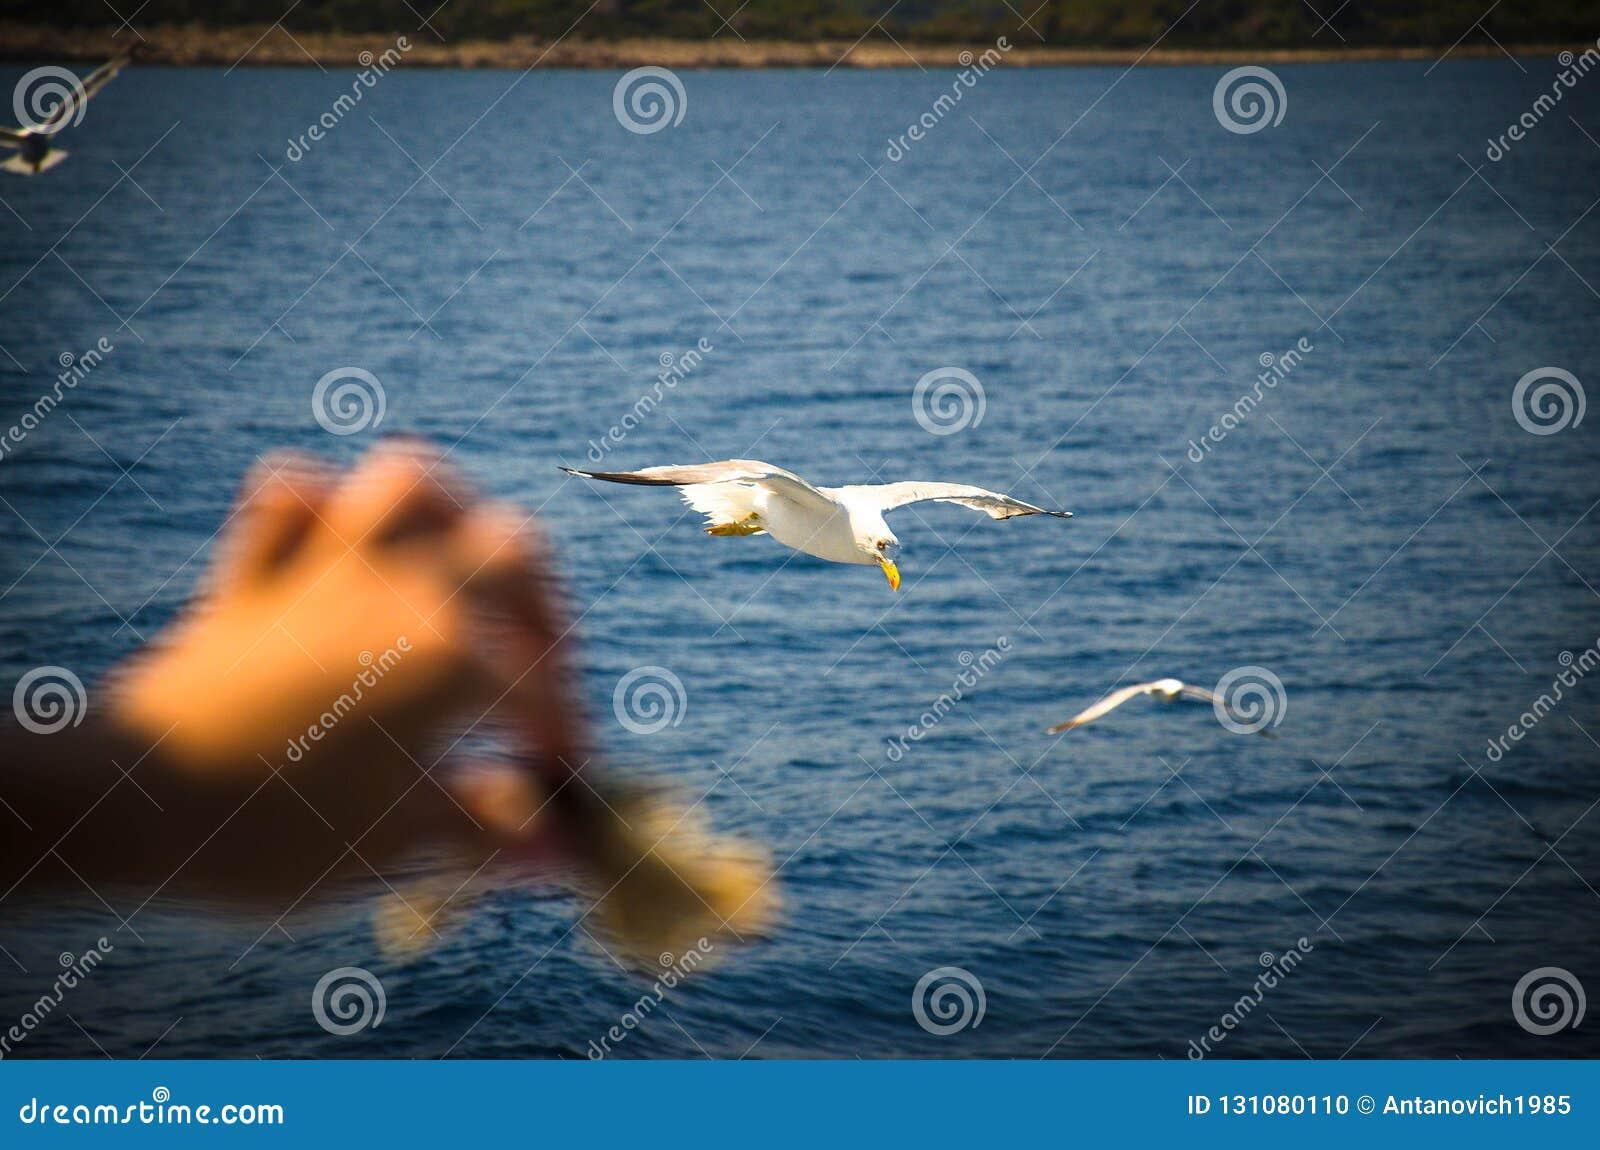 Handfeed seagulls z chlebem nad wodą Adriatycki morze, Chorwacja